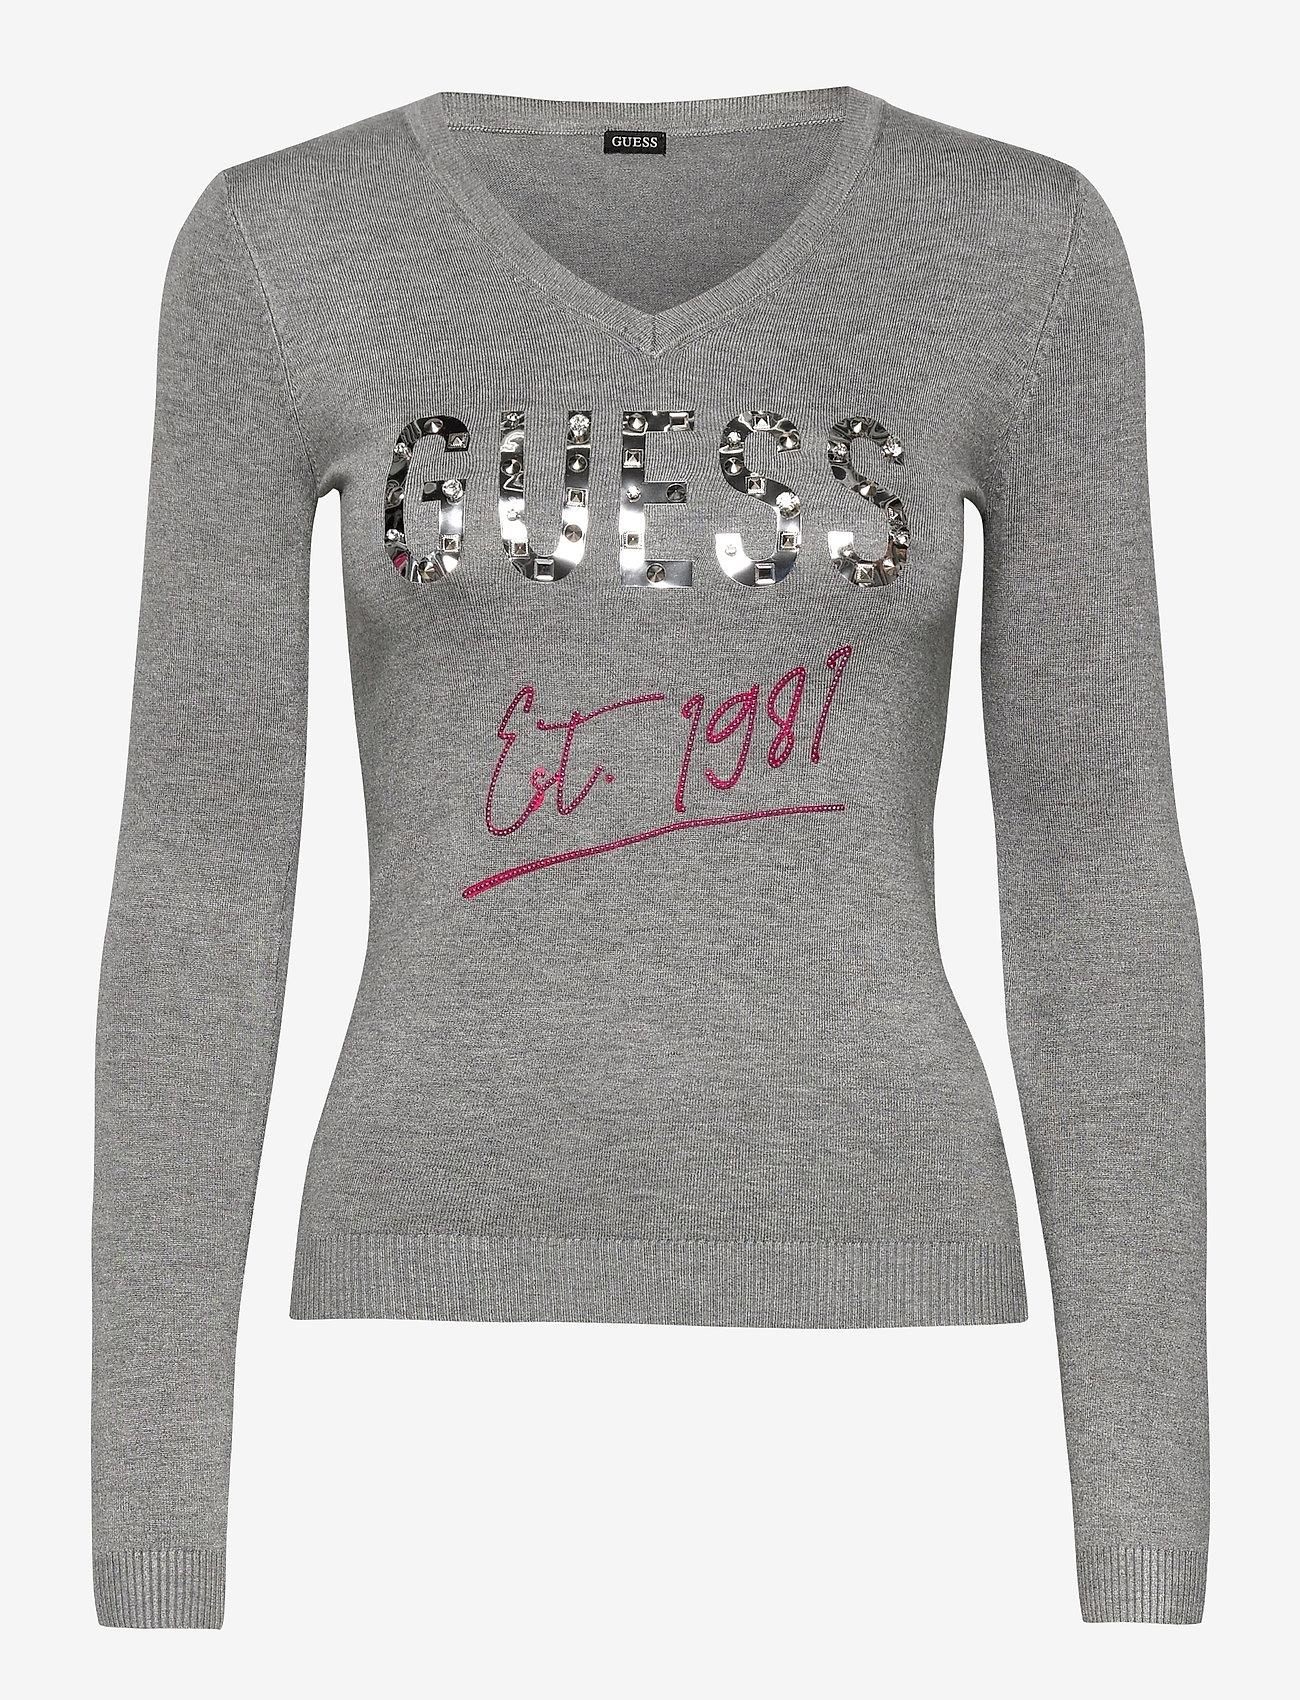 GUESS Jeans - ANGELINE V-NECK SWTR - tröjor - stone heather gre - 0